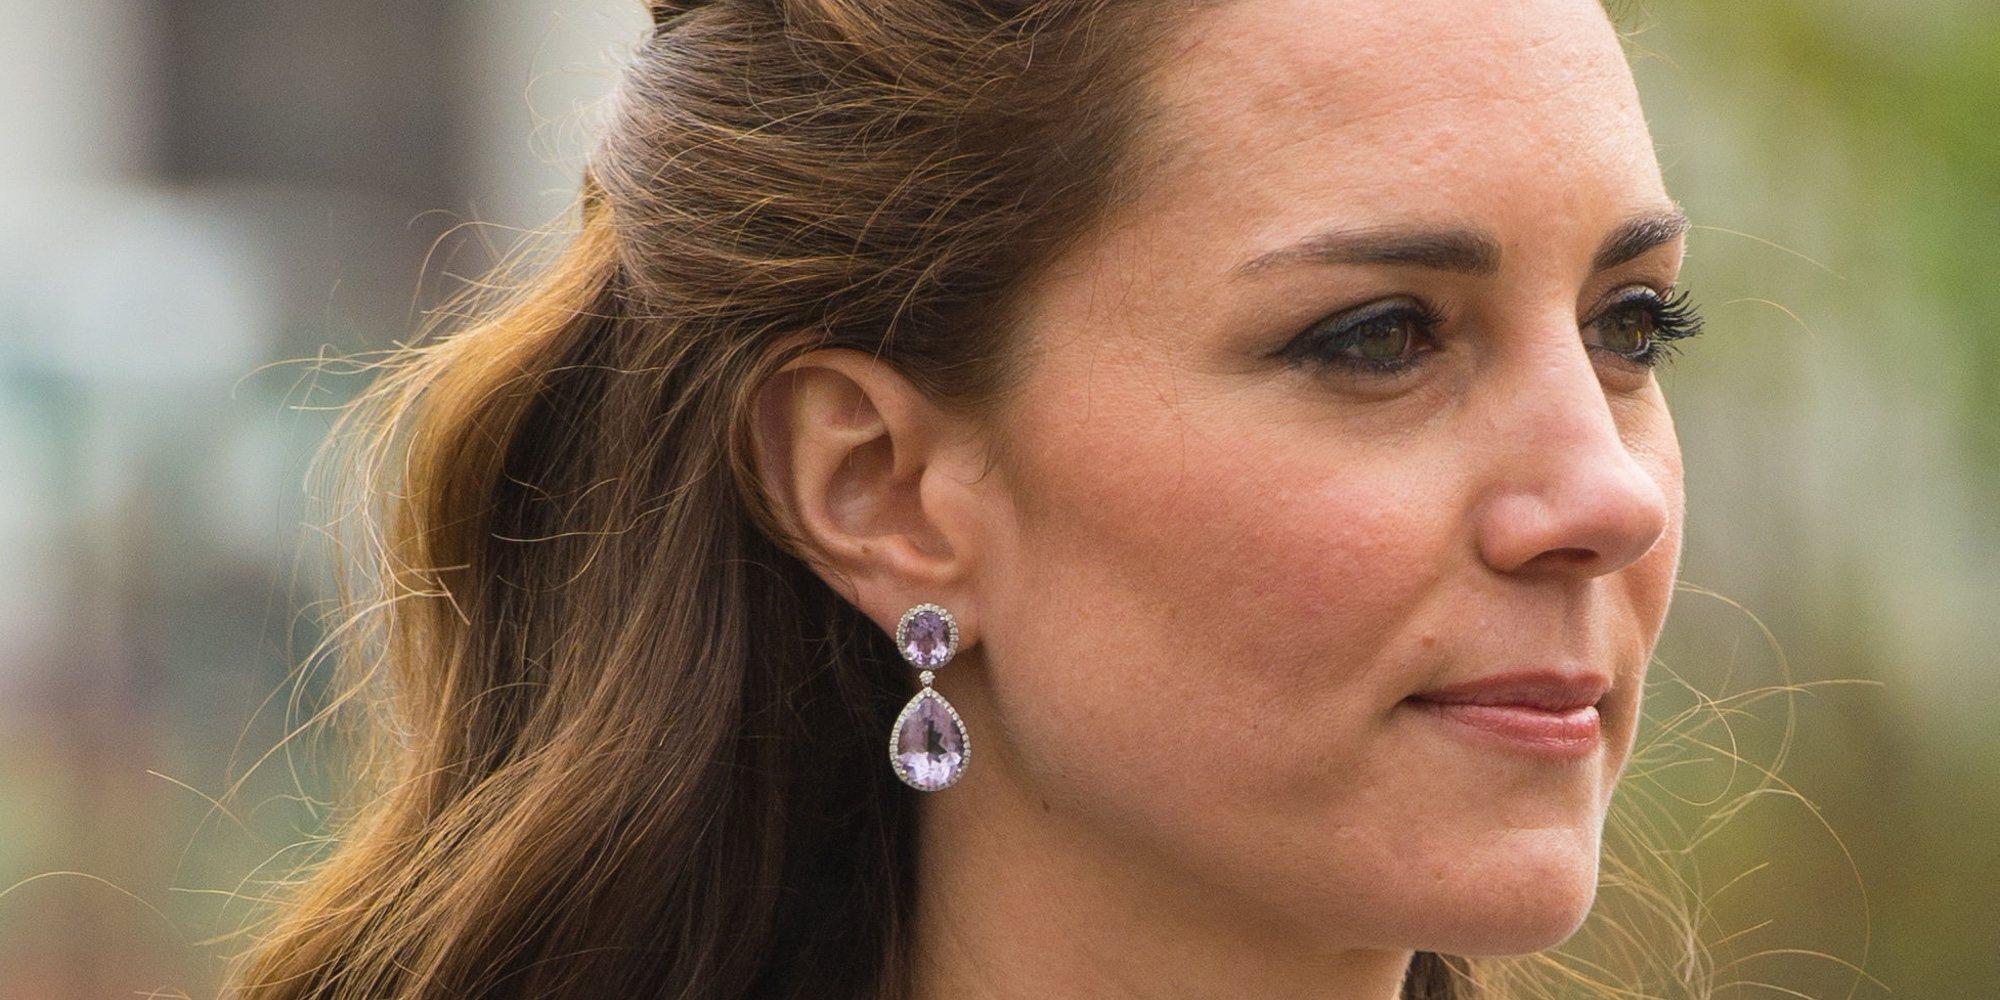 La muerte de la centenaria tía abuela de Kate Middleton a la que no conoció por rencillas familiares